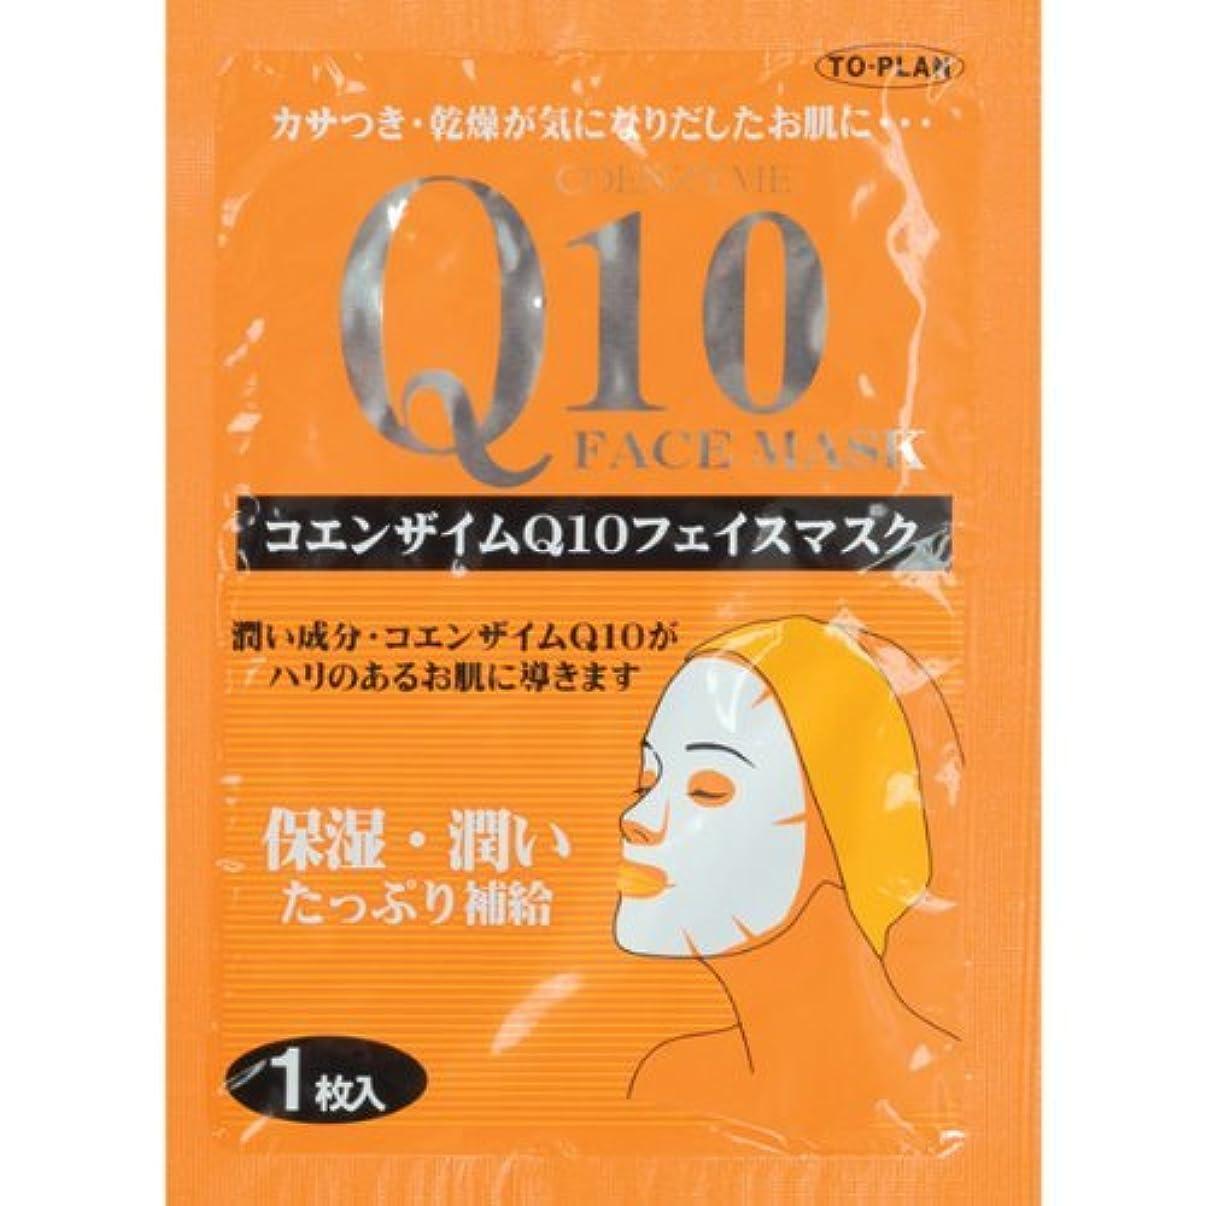 分析みがきますポルノフェイスマスク コエンザイムQ10 まとめ買い プレゼント フェイスパック (50枚)